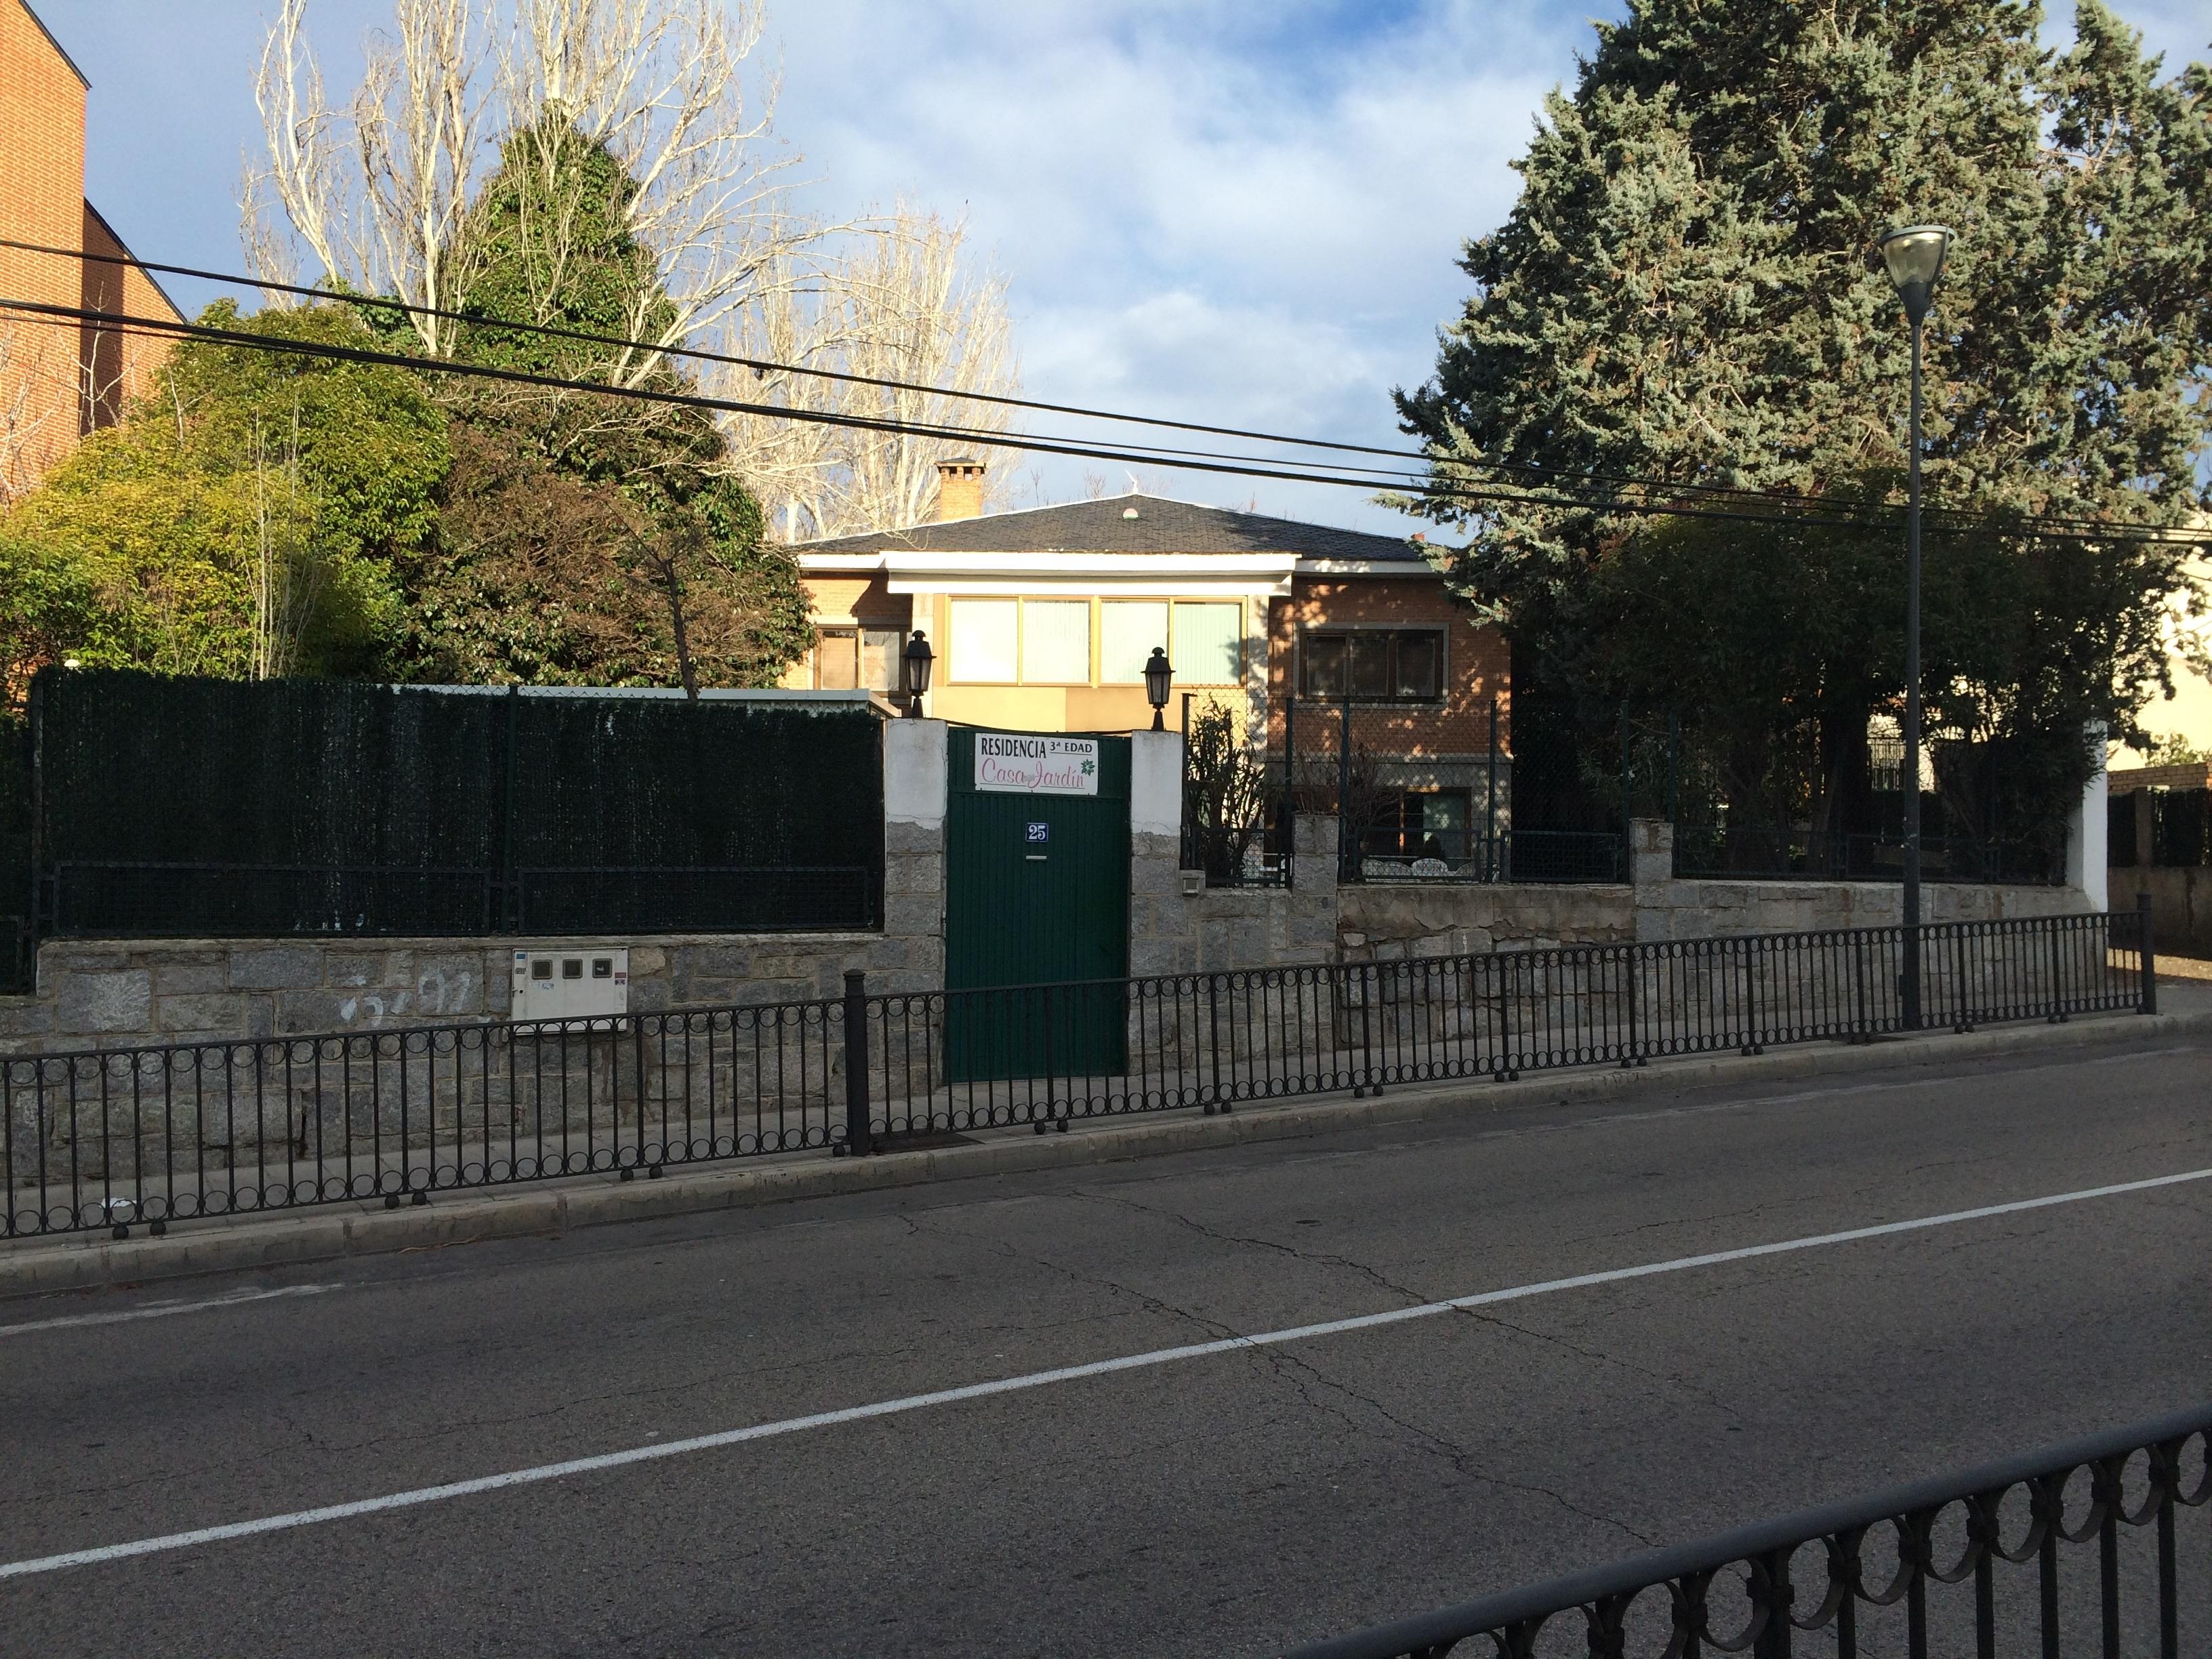 Residencia casa jard n tercera edad art culos y for Residencia el jardin madrid